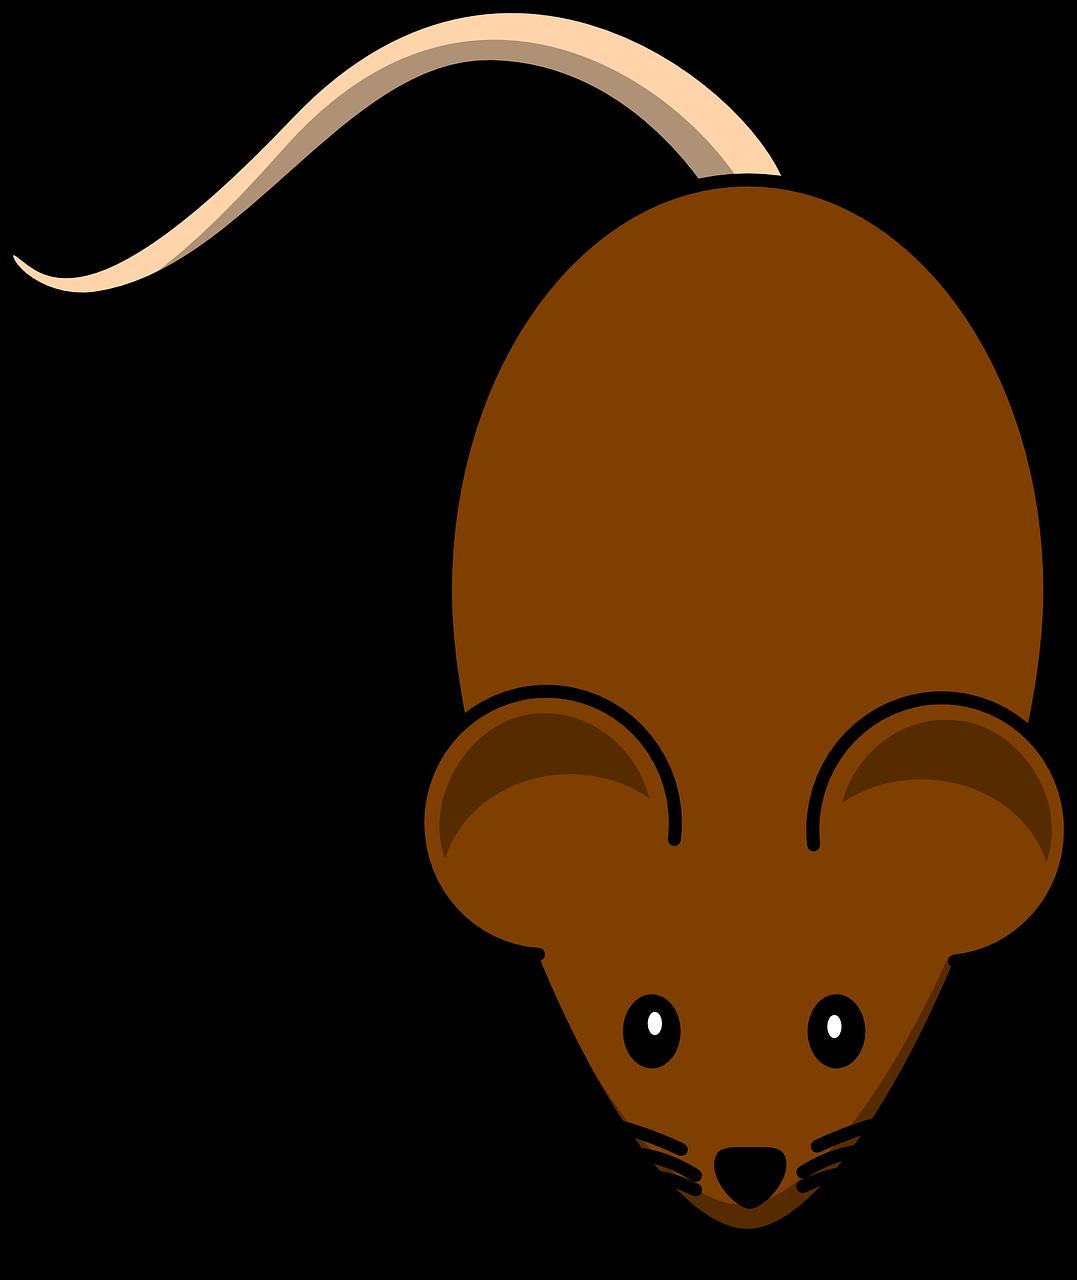 Годик открытки, мышка рисованная картинка